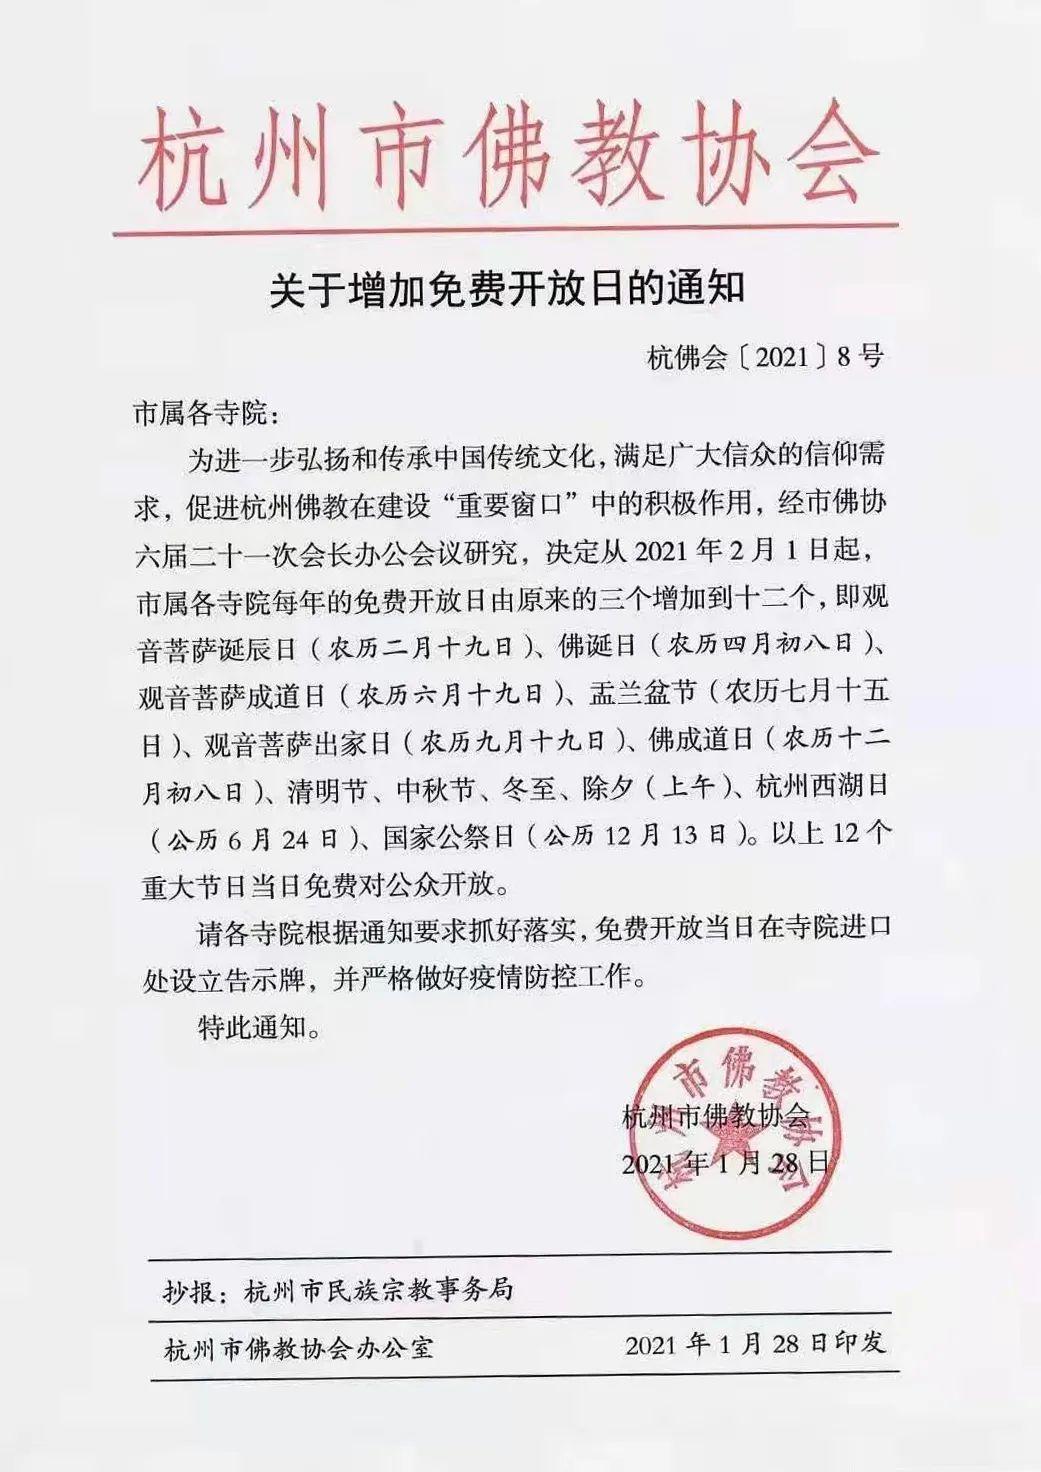 免费!2月1日起,杭州市属各寺院将在这些日期免费开放!